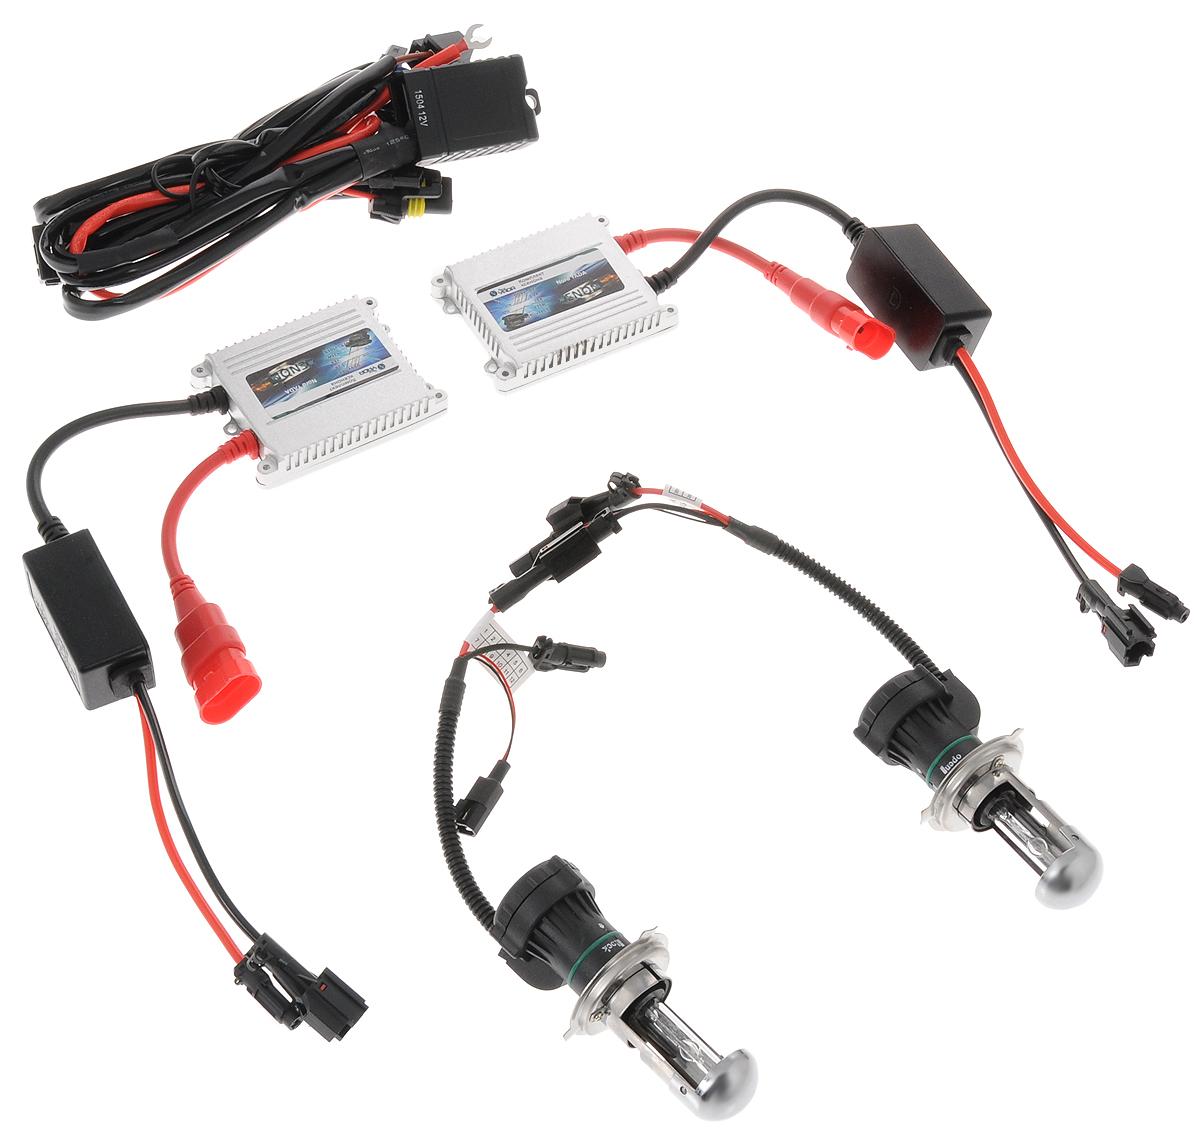 Комплект ксенона Nord YADA, цоколь H4, 9-16V, 35 W. 903145903145Ксеноновый комплект Nord YADA предназначен для использования в транспортных средствах. Он обеспечивает стабильное освещение дороги при плохих погодных условиях и в темноте. Комплект предназначен для использования в фарах ближнего и дальнего света.Биксеноновый комплект обеспечивает легкий переход от галогенового освещения к освещению ксеноном. Позволяет улучшить освещение дороги, повысить безопасность и снизить показатели потребляемой мощности вашего автомобиля.Рабочий диапазон питающих напряжений: 9-16В.Диапазон рабочих температур: от -20°С до +120°С.Срок службы: 3000 ч.